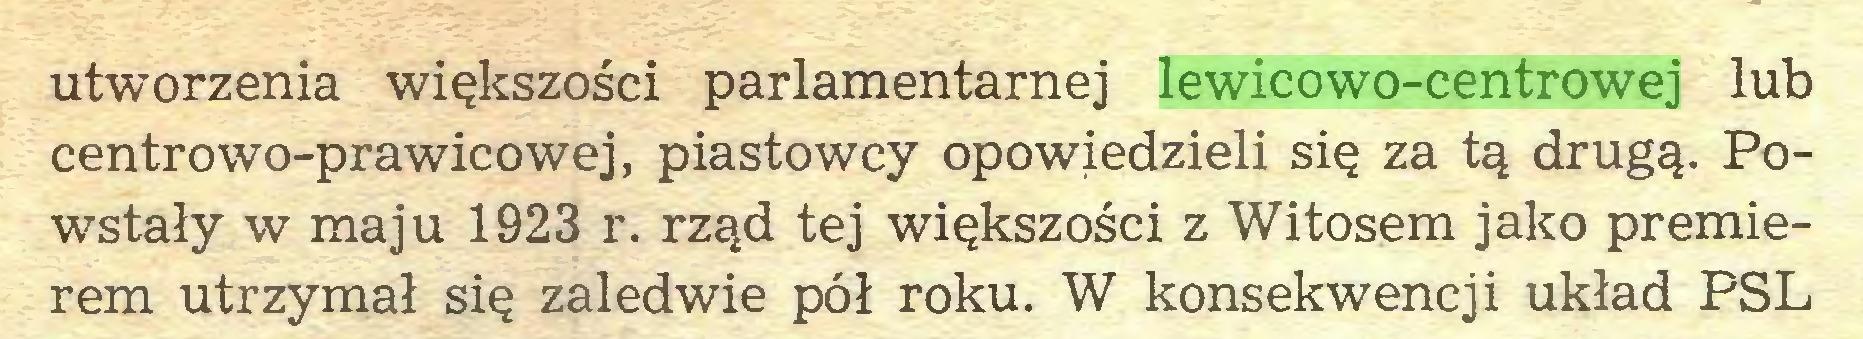 (...) utworzenia większości parlamentarnej lewicowo-centrowej lub centrowo-prawicowej, piastowcy opowiedzieli się za tą drugą. Powstały w maju 1923 r. rząd tej większości z Witosem jako premierem utrzymał się zaledwie pół roku. W konsekwencji układ PSL...